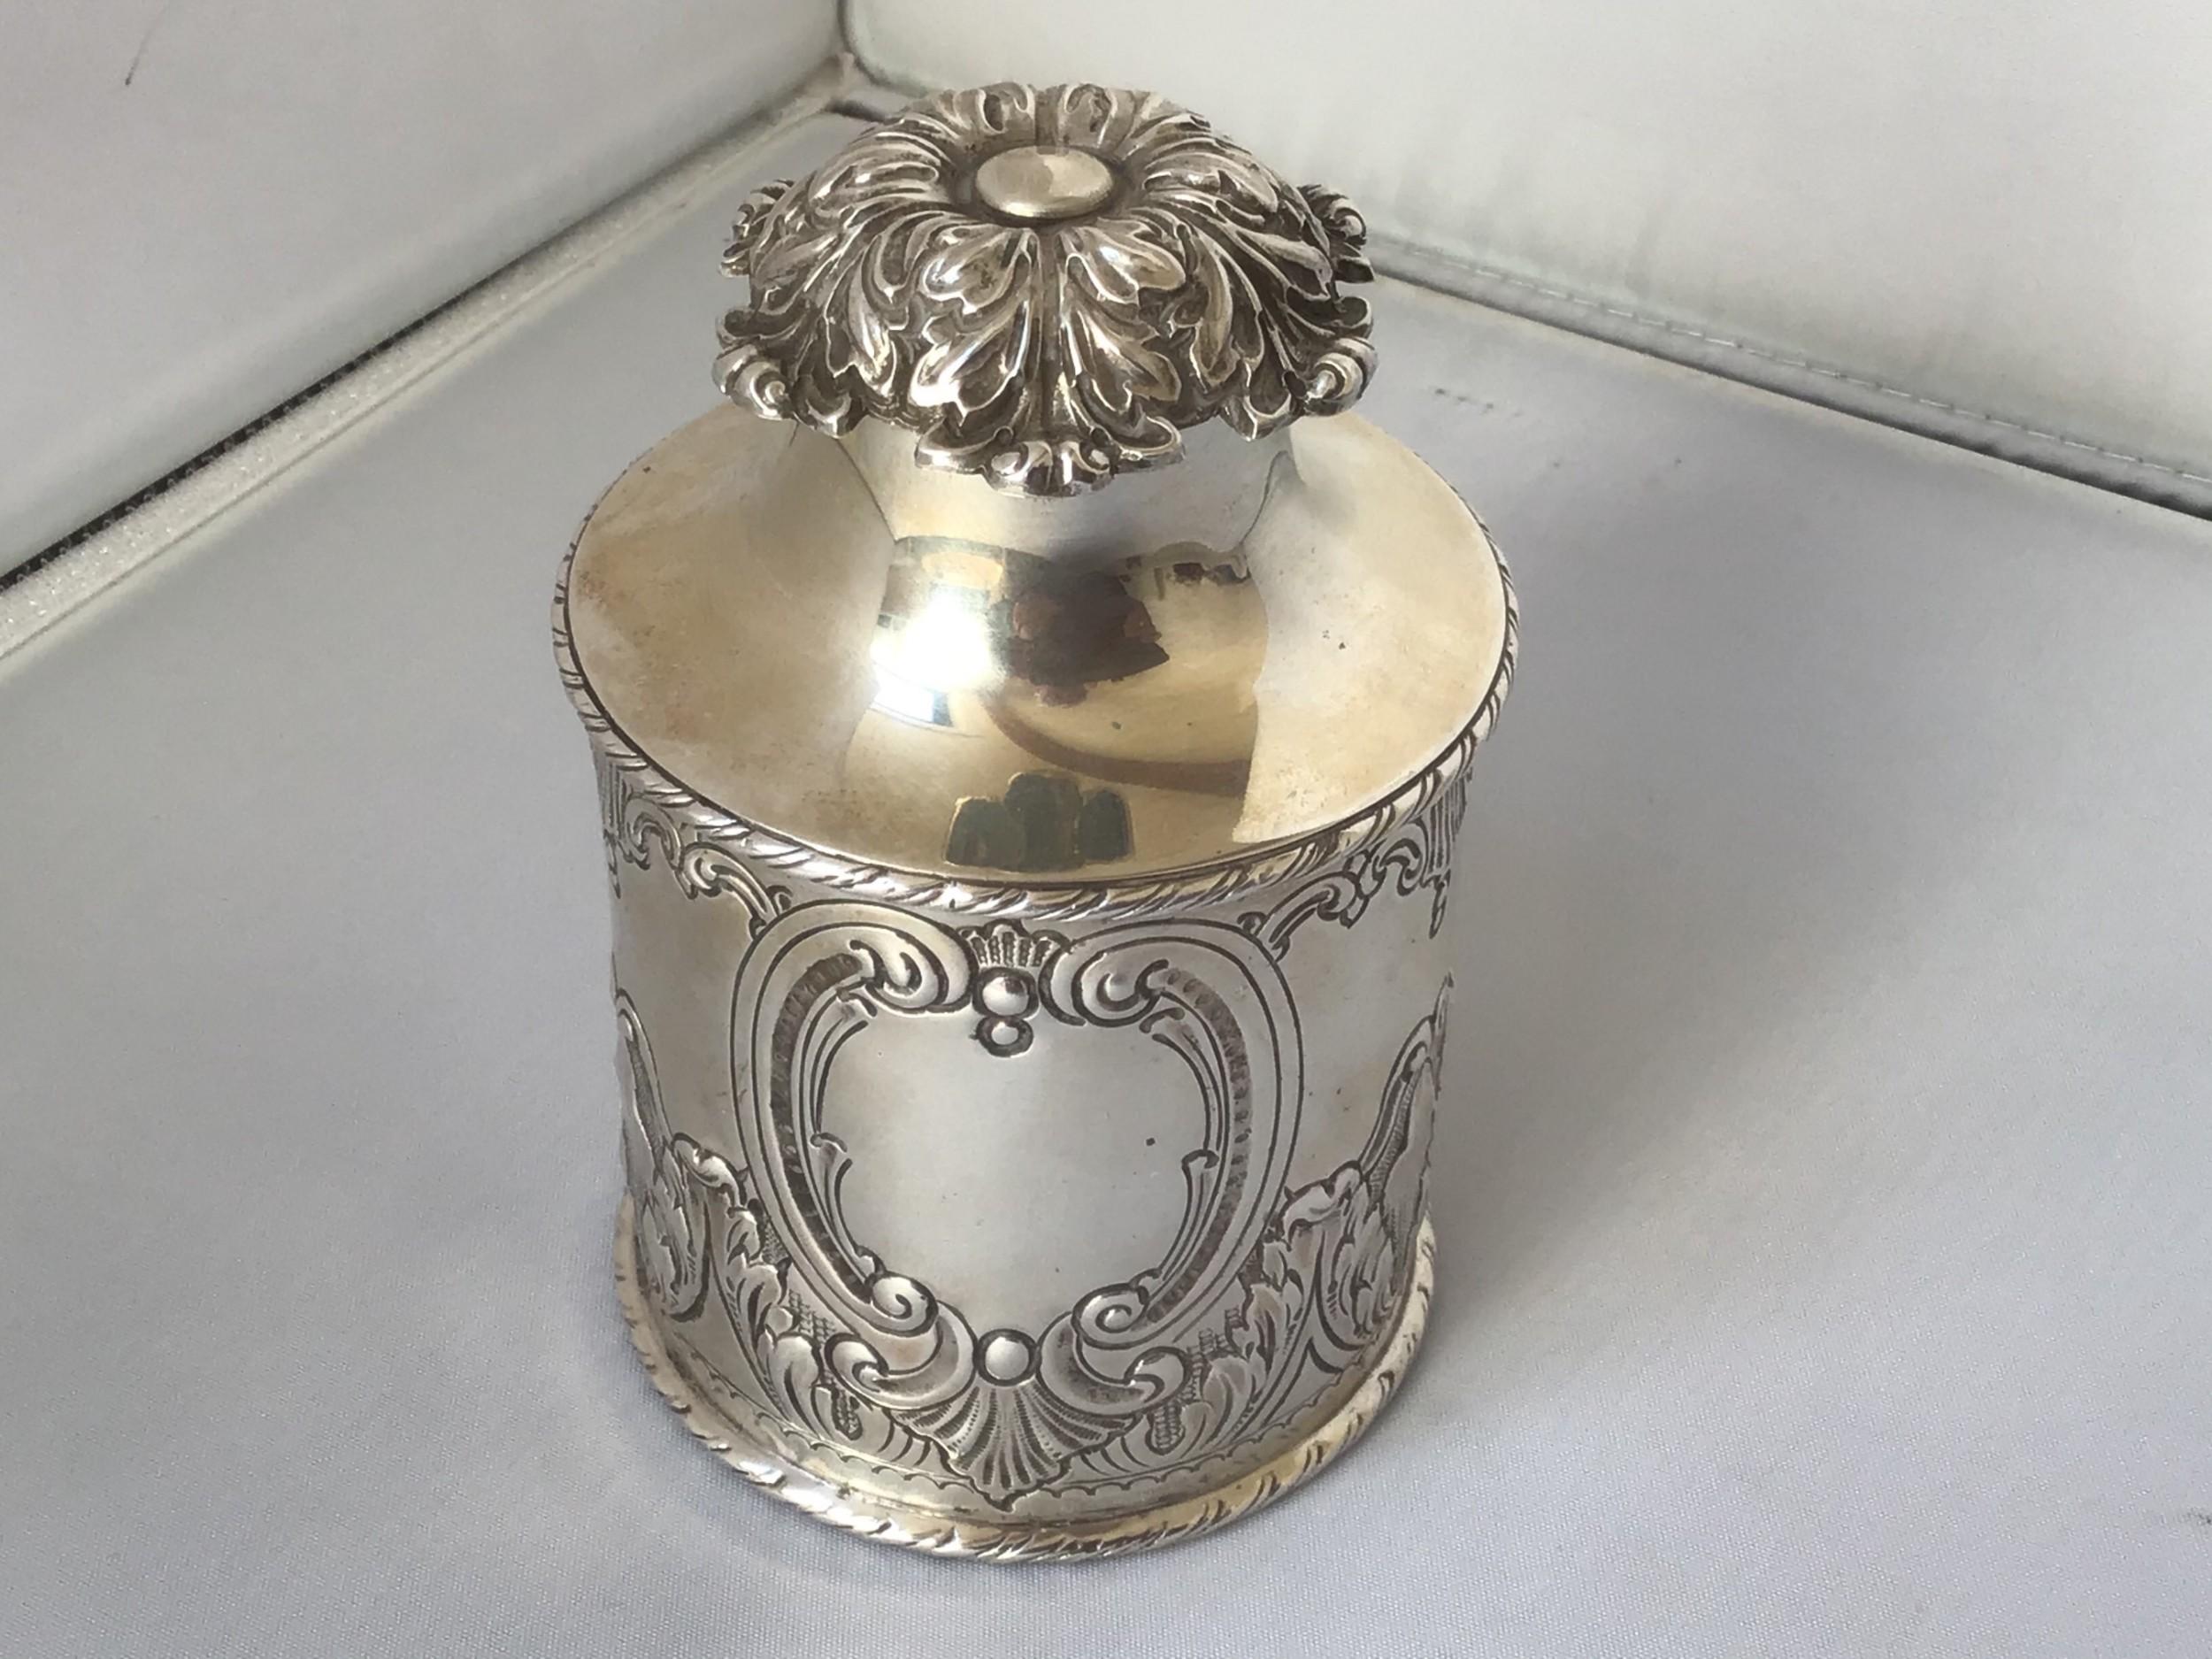 fine quality edwardian solid silver tea caddy